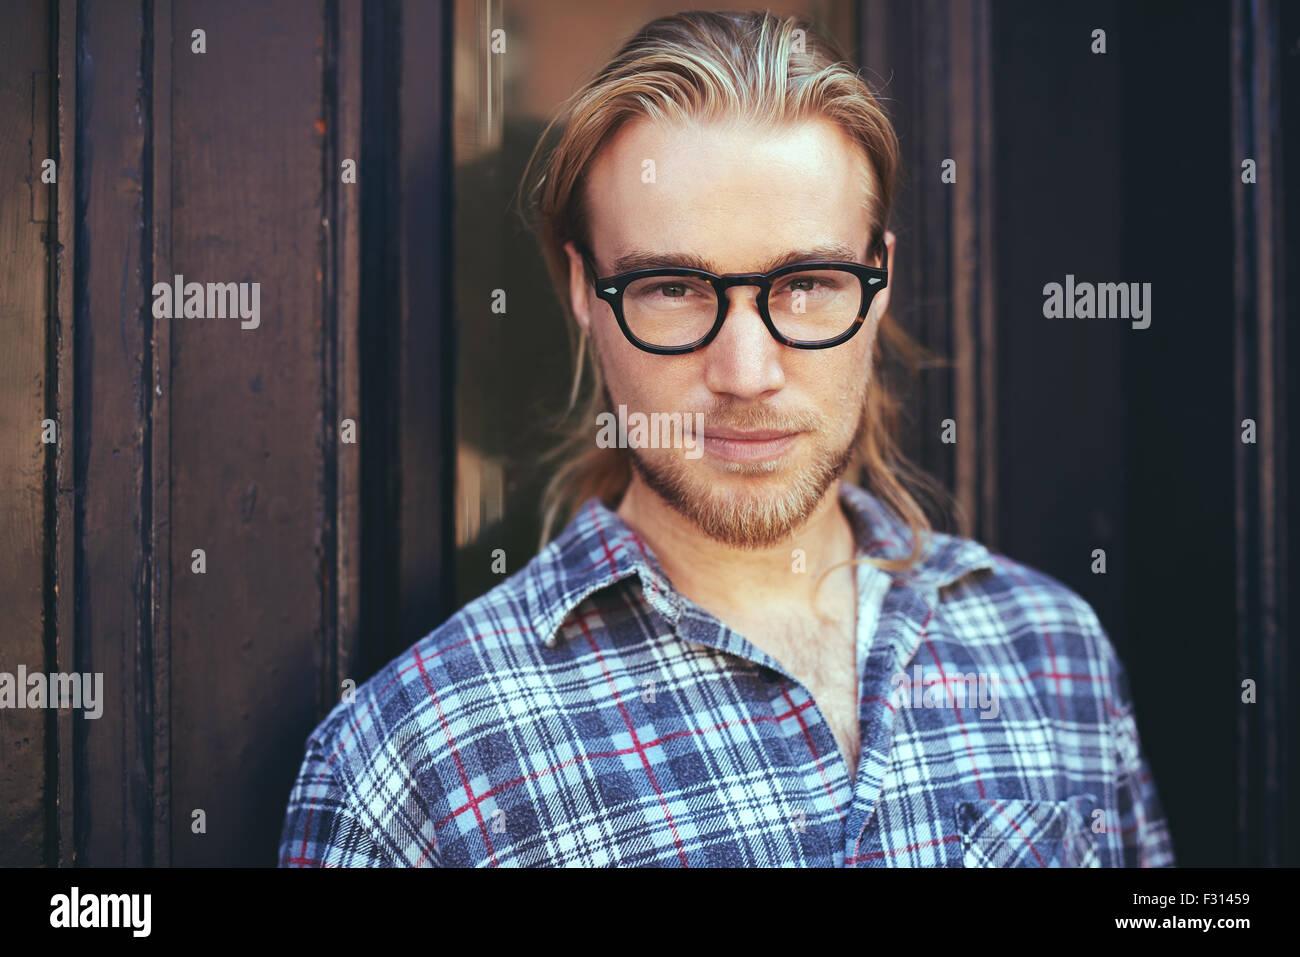 Closeup retrato de rubio con pelo largo y gafas. Hombre reflexivo Foto de stock